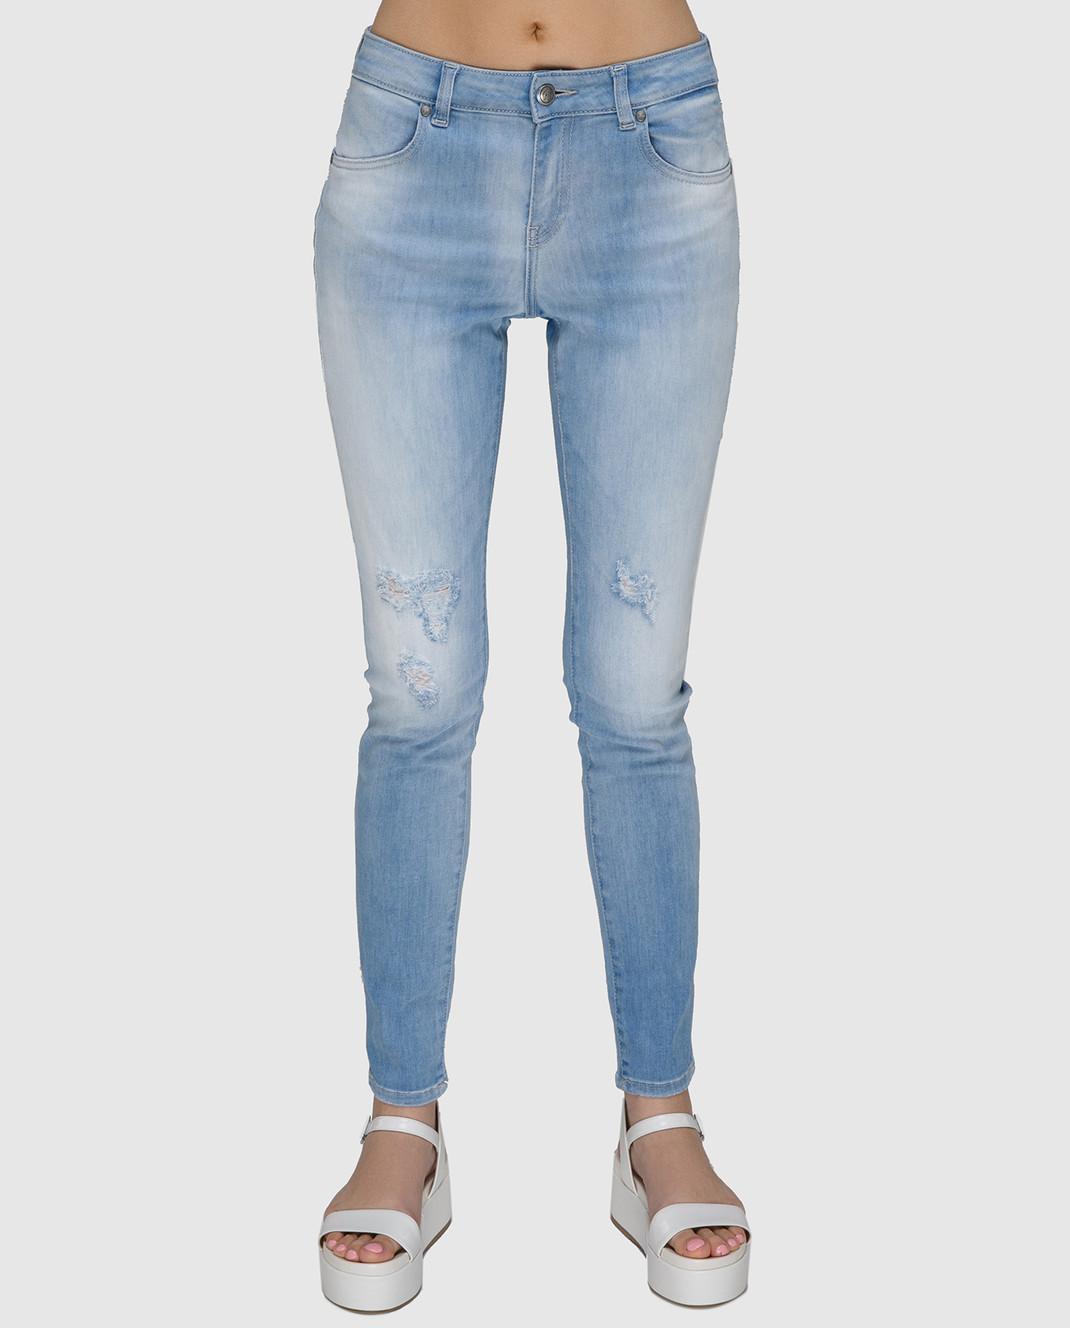 FAY Голубые джинсы NTW8234524LOJN изображение 3